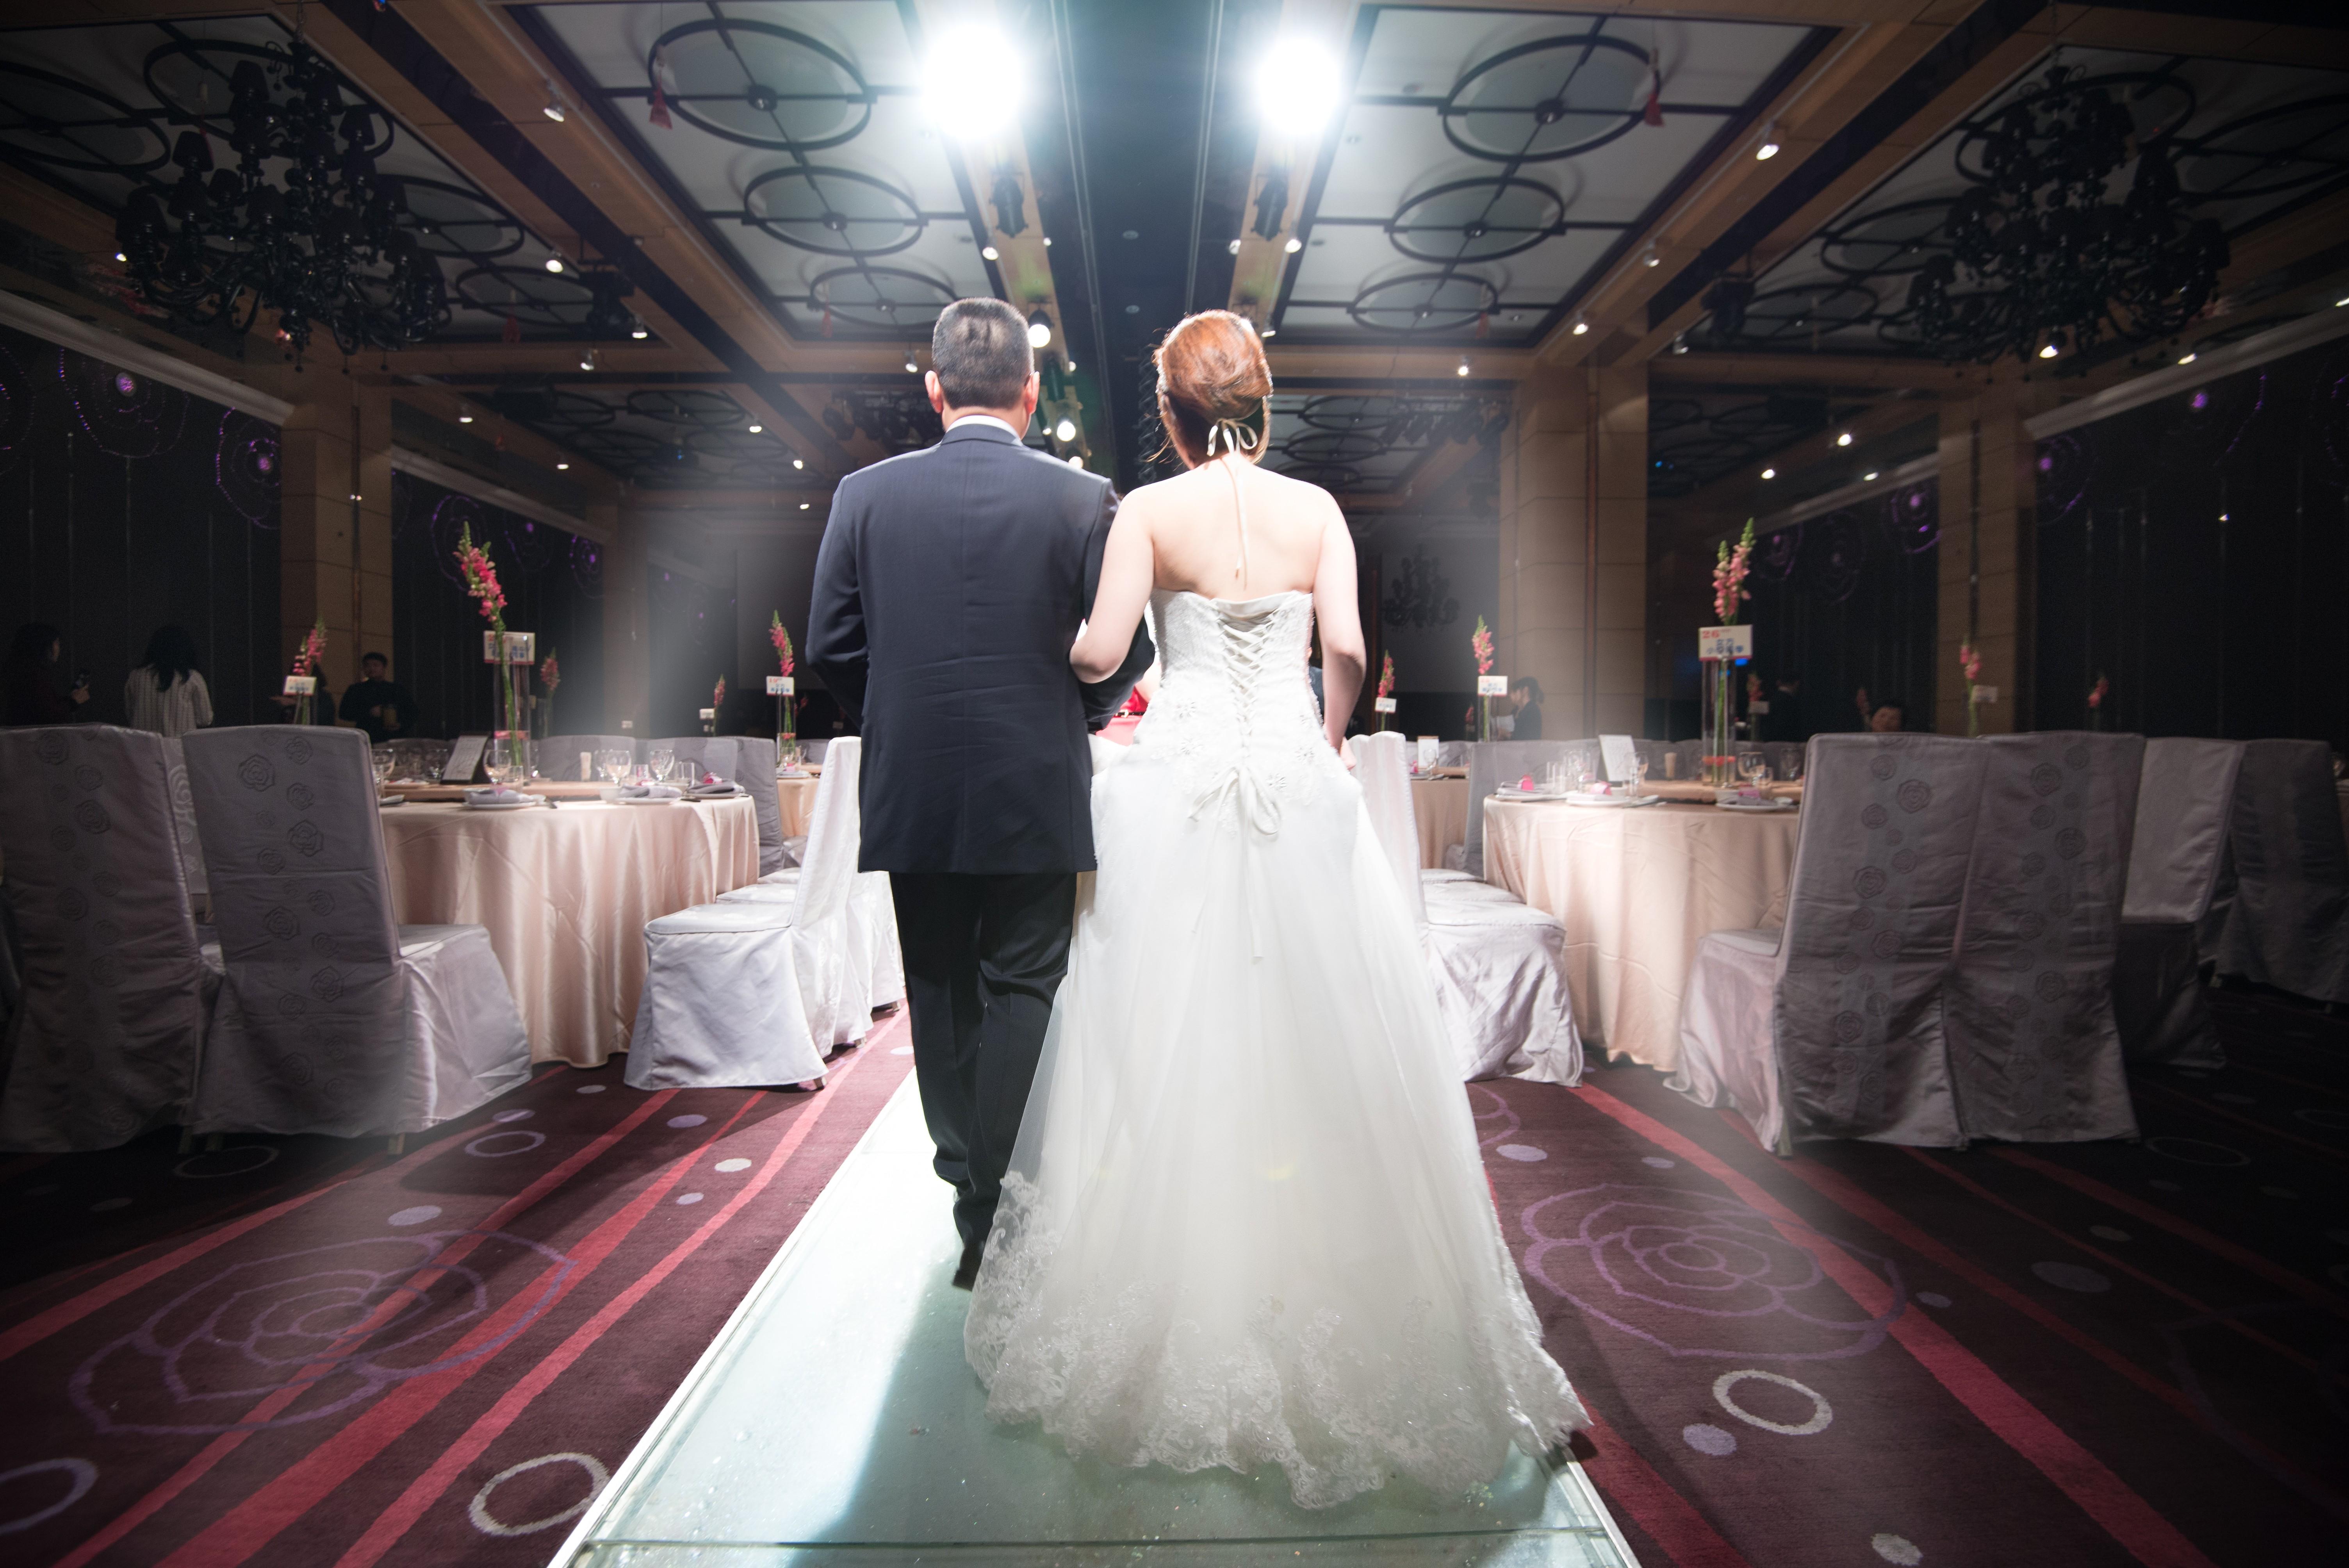 婚攝推薦 婚禮紀錄